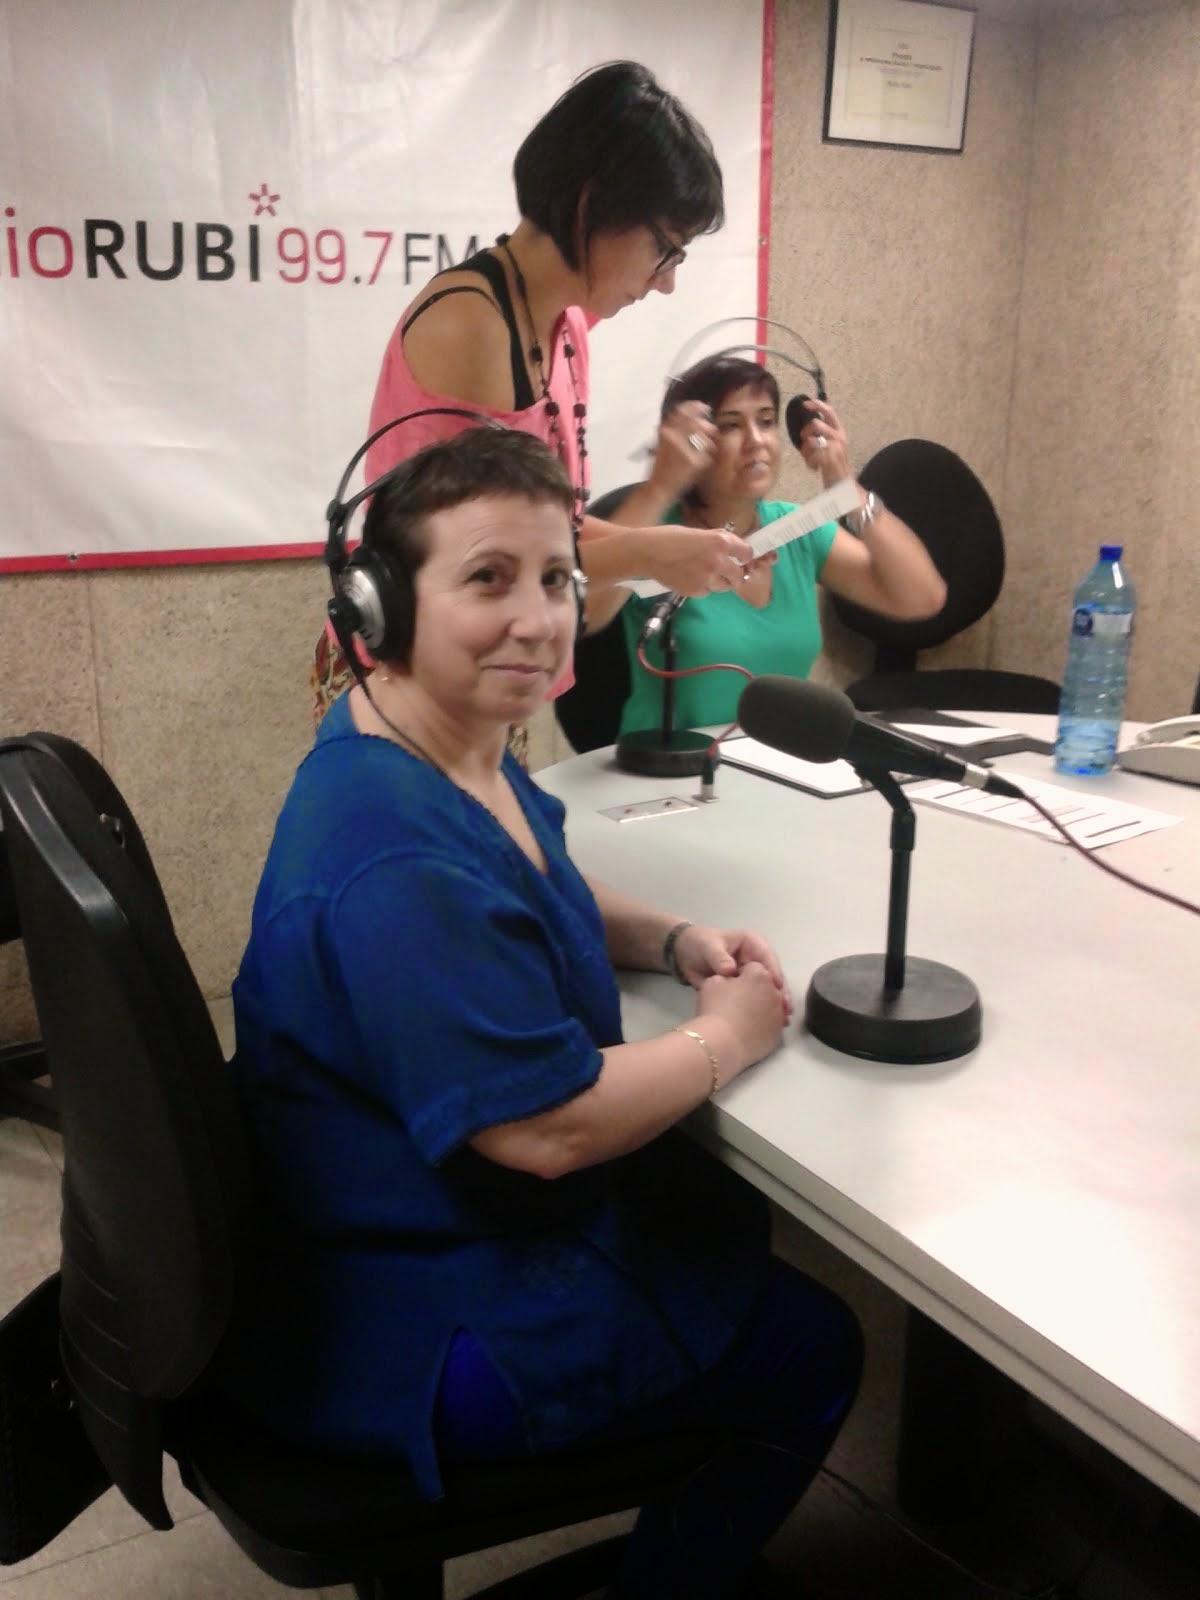 Entrevista en Rubí Al Día